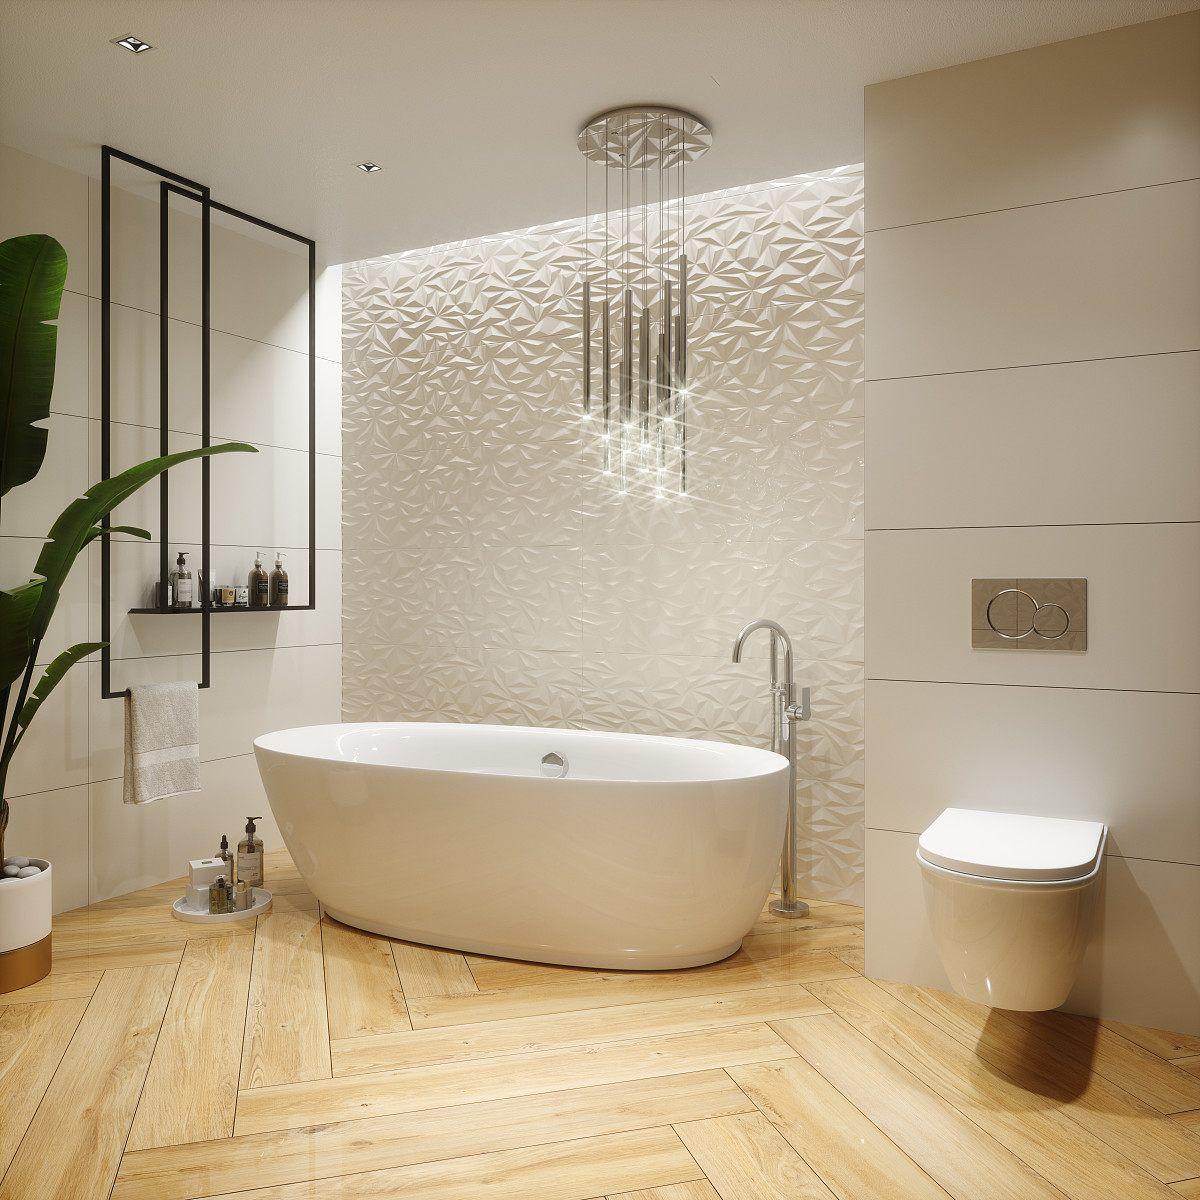 8 Badezimmerbeleuchtung Funktional Und Sicher Dslampenat Lampen